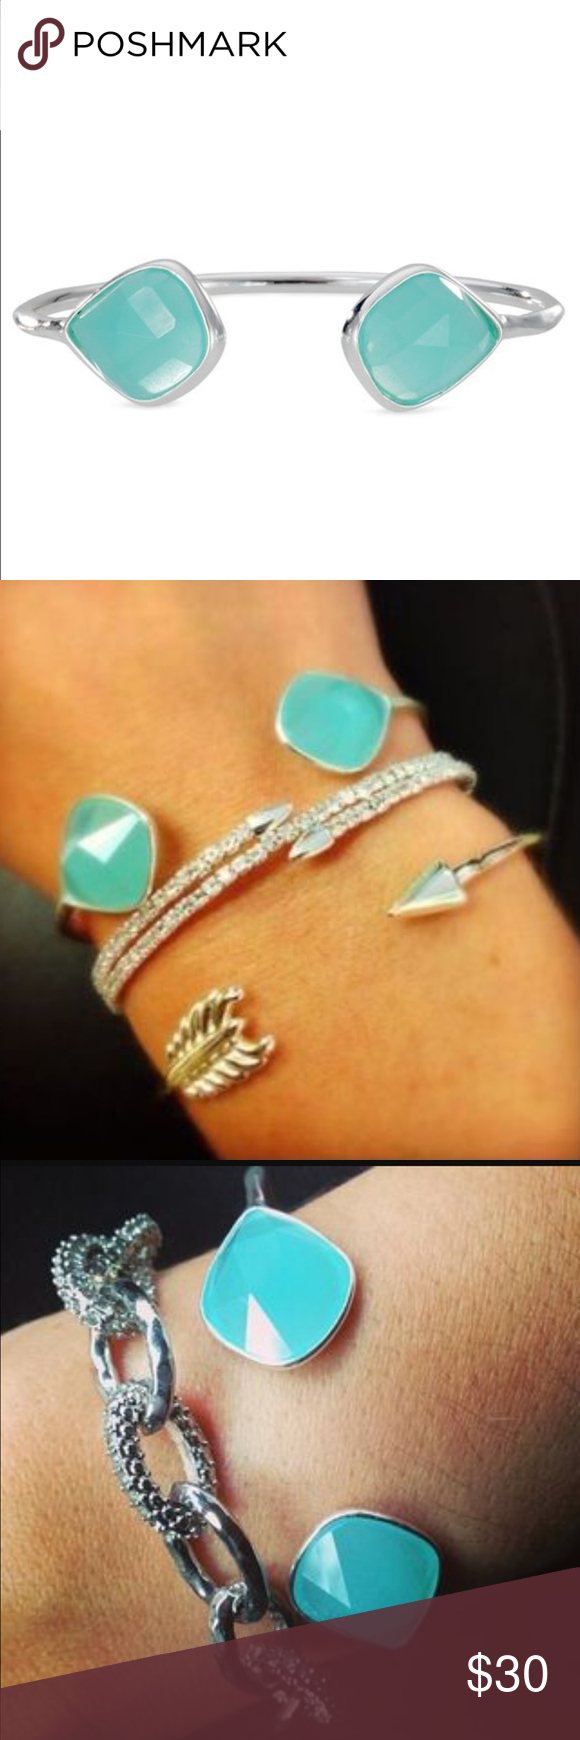 Stella & Dot Serenity Stone Cuff NWOT tags! Never worn Stella & Dot Jewelry Bracelets